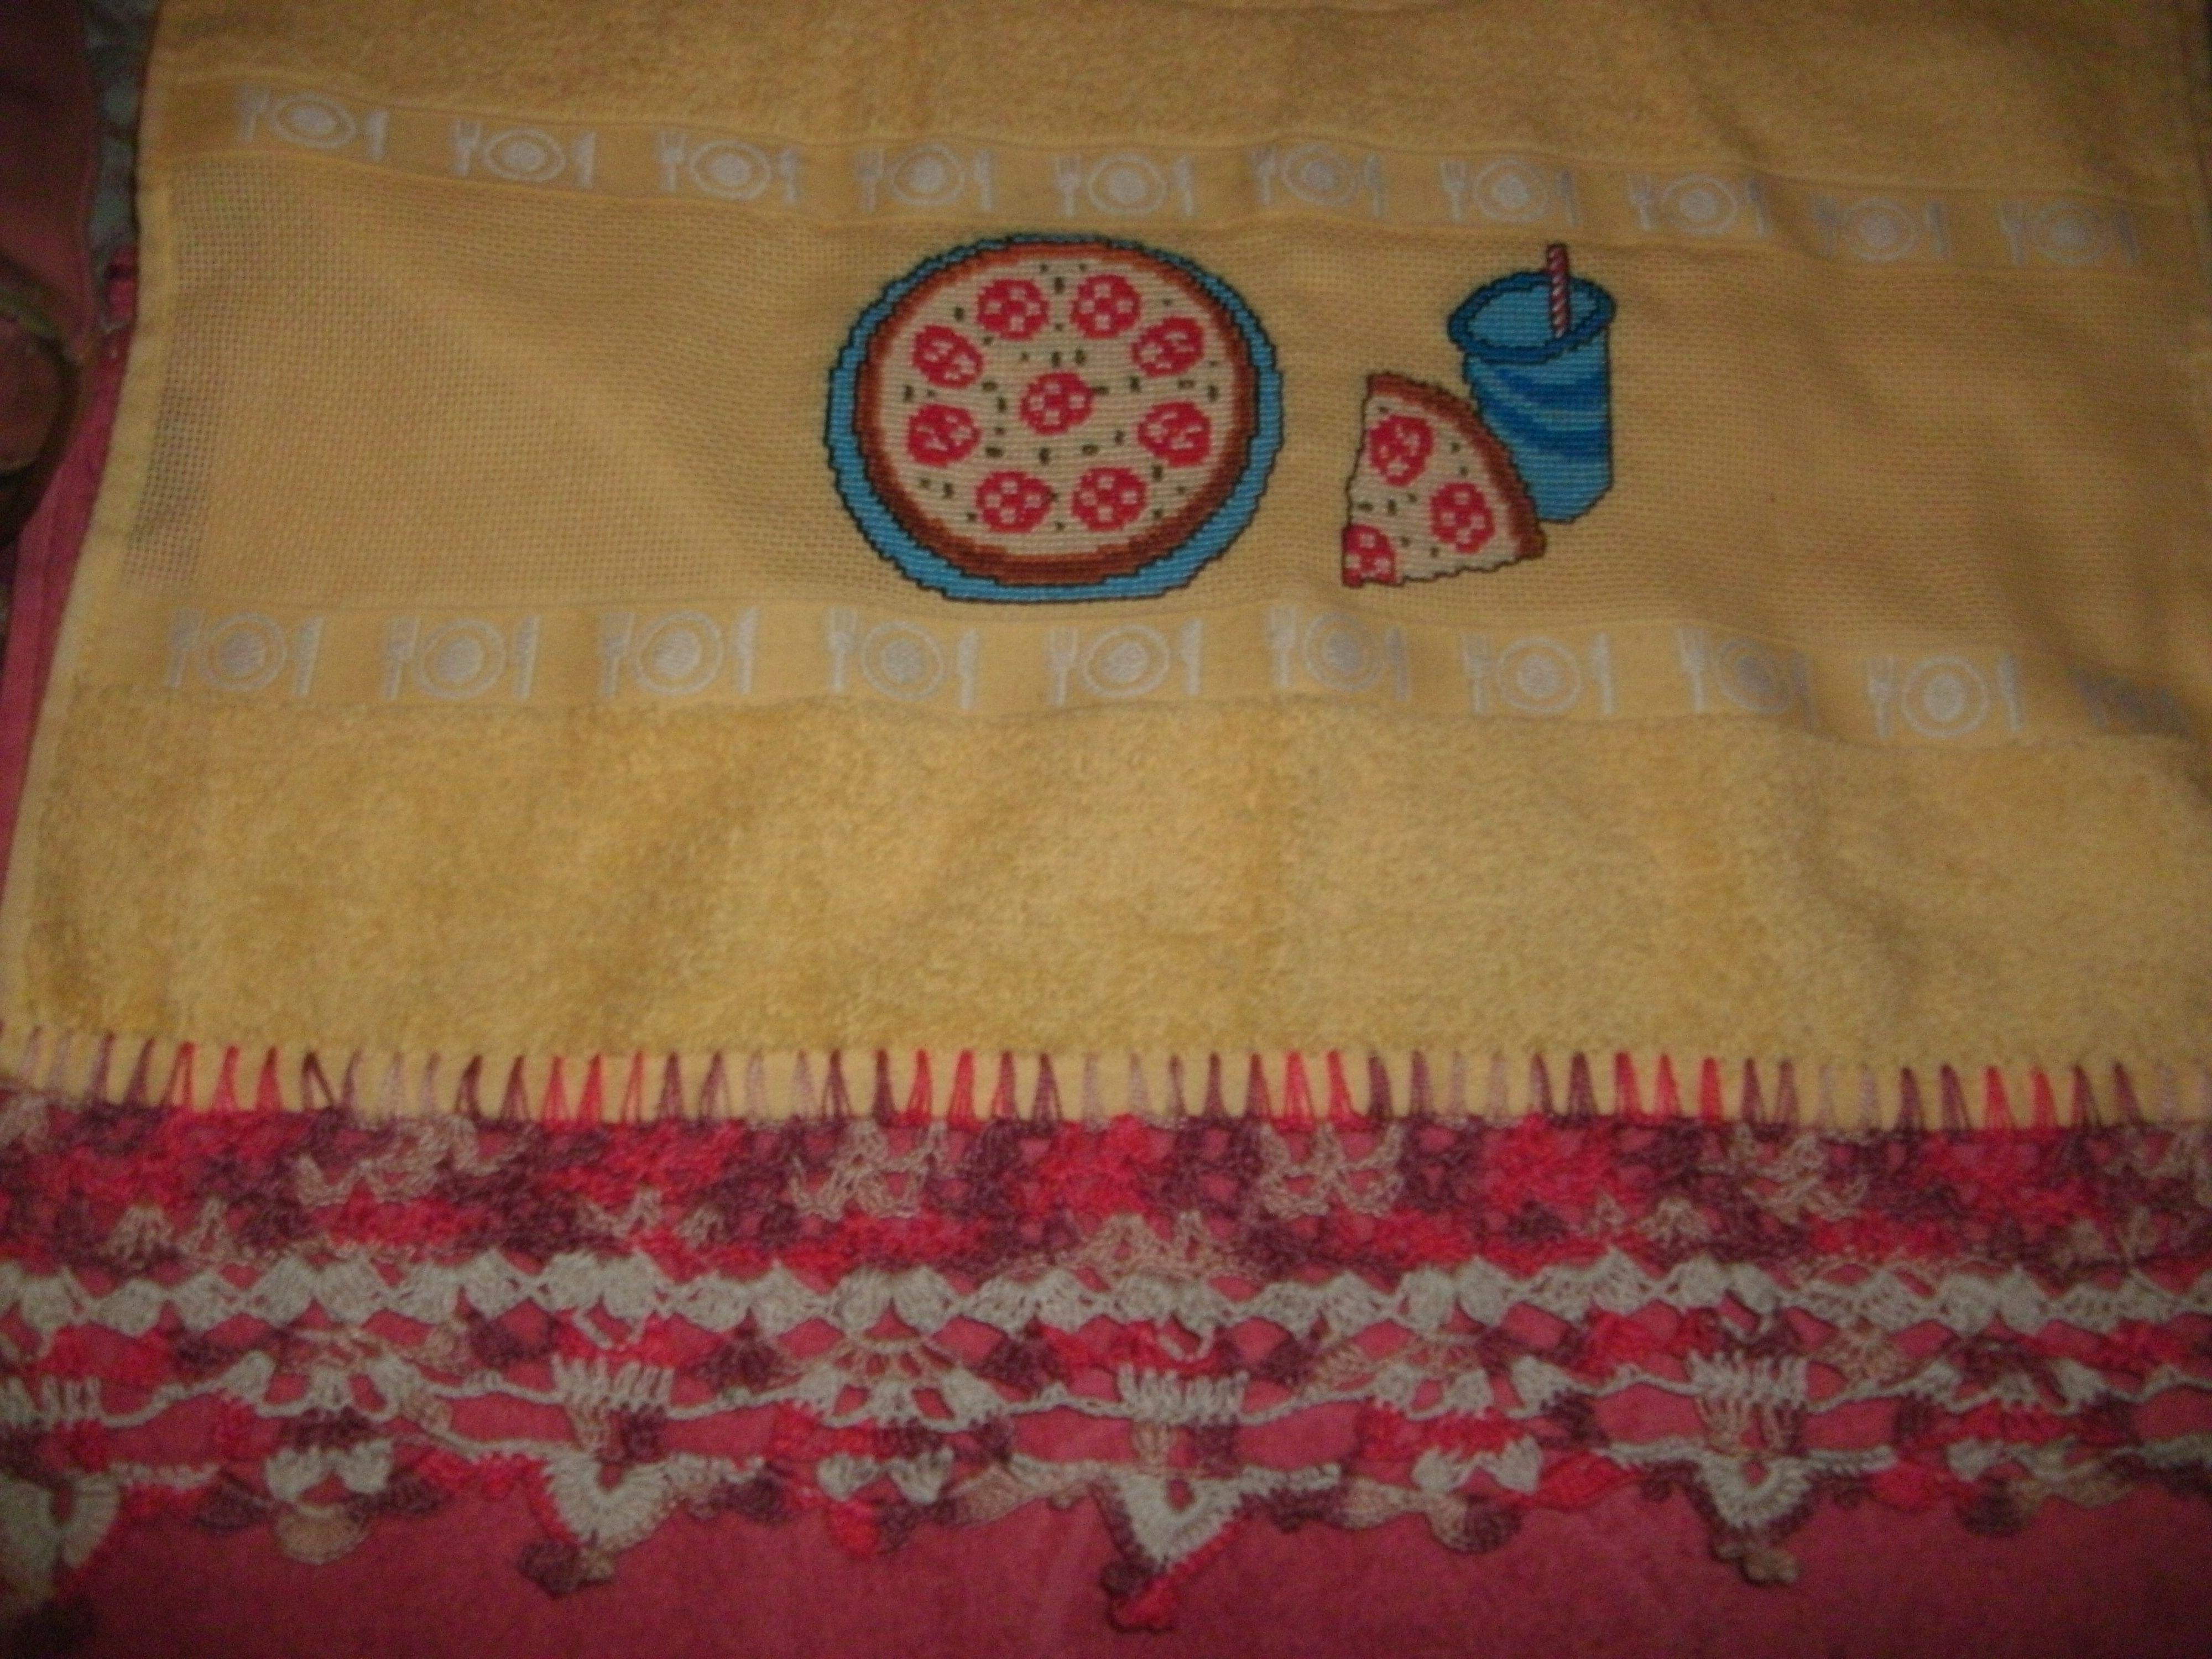 Pano de Prato, felpudo,bordado em ponto cruz,com motio de pizza, com barrado em croche inesmoreira60@hotmail.com